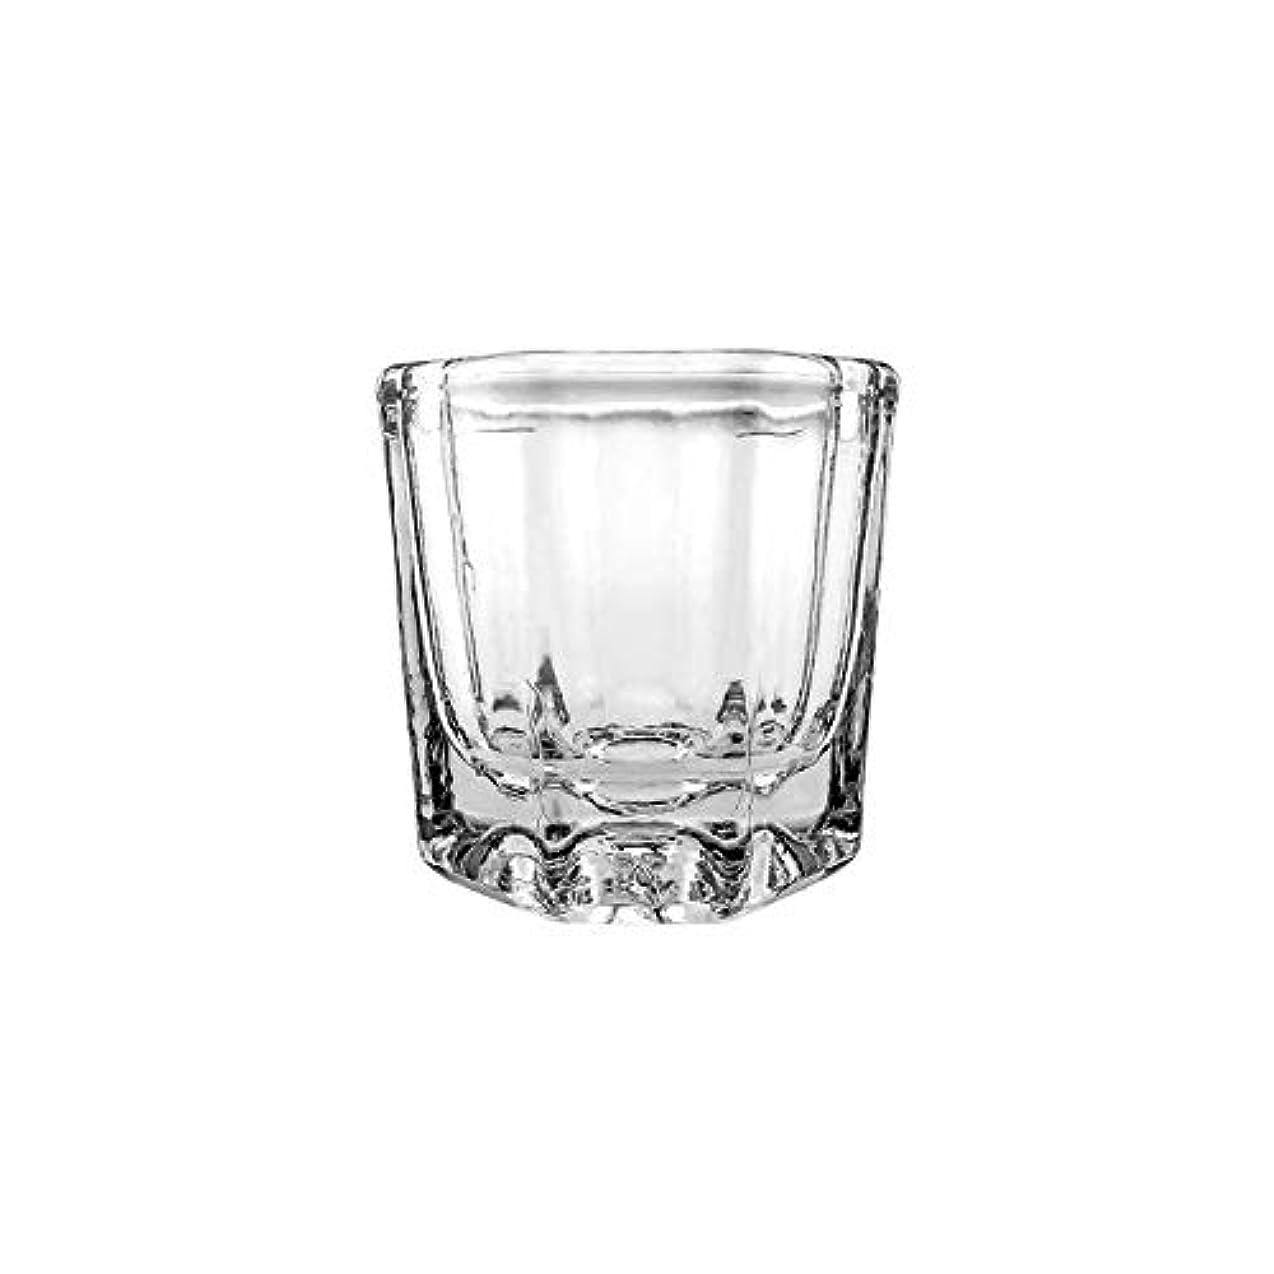 人工足崇拝するLALONA ダッペンディッシュ (ガラス製) (耐溶剤) ジェルネイル スカルプチュア ブラシの洗浄に